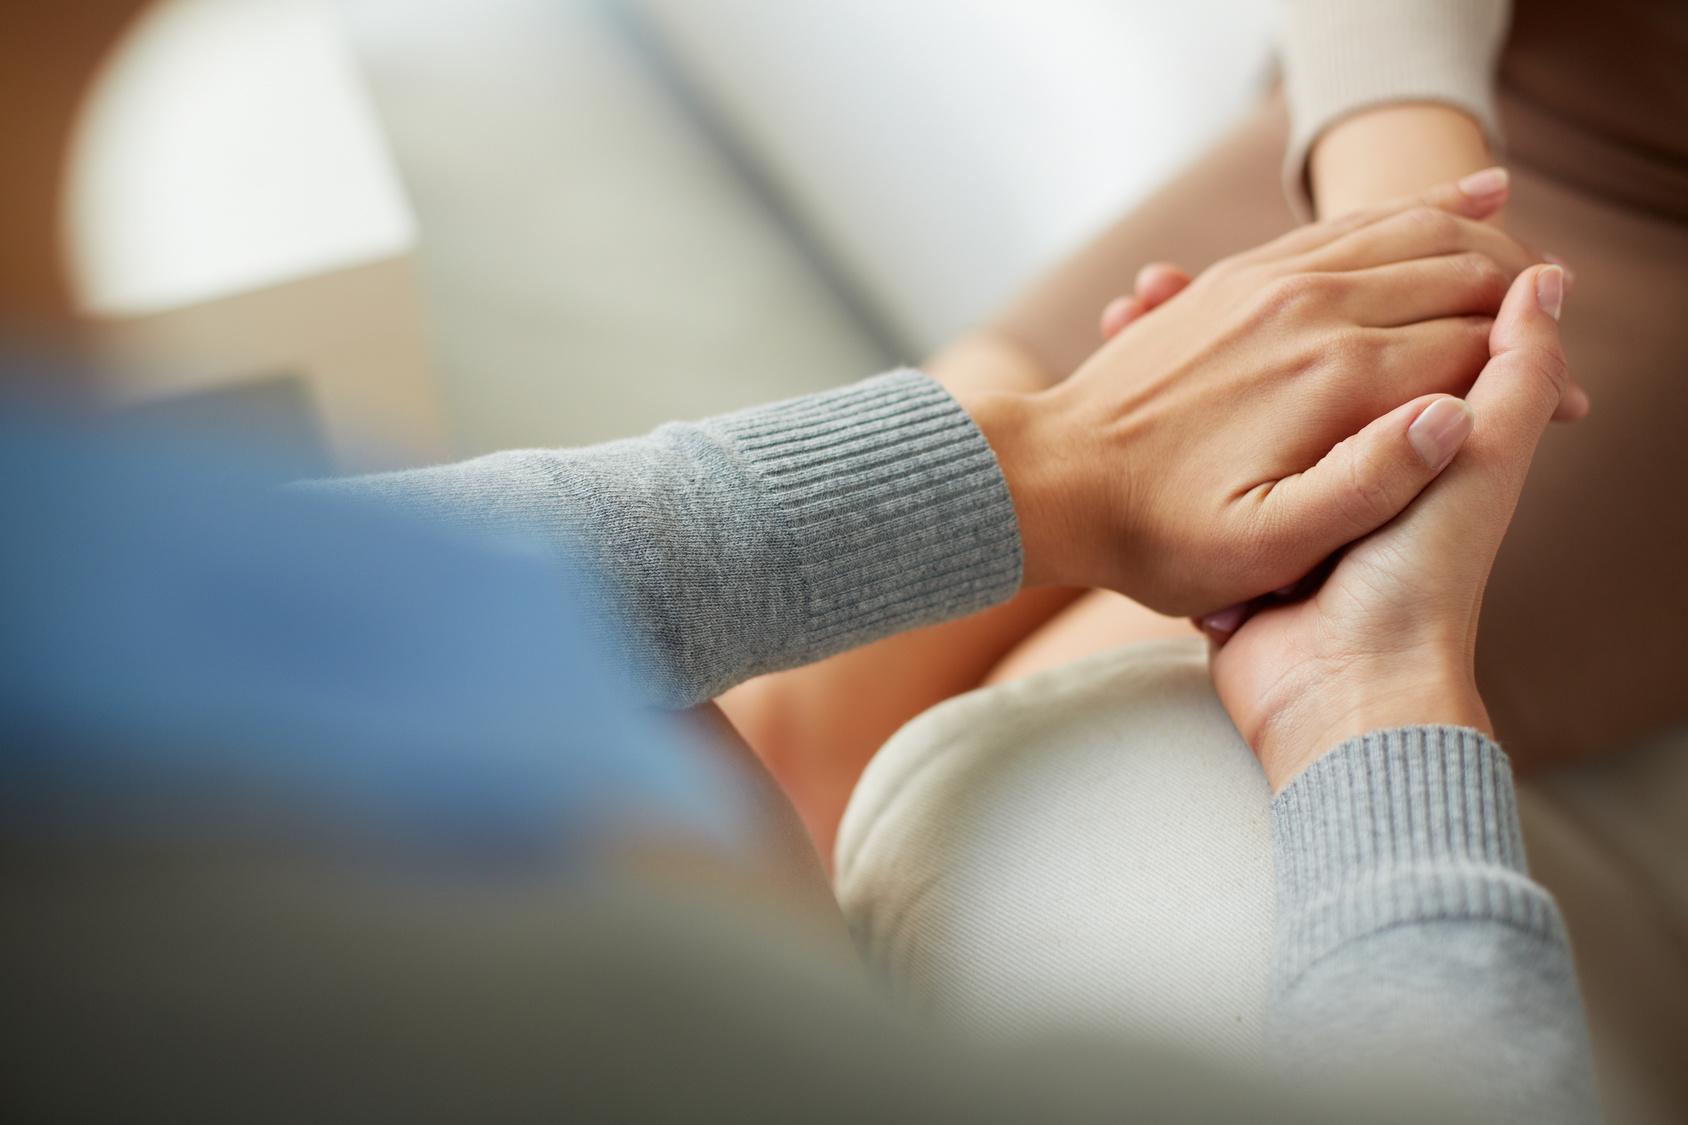 ۱۰ دلیل برای اینکه یافتن مرد درست، برای زنان همدل و عاطفی پر چالش است.